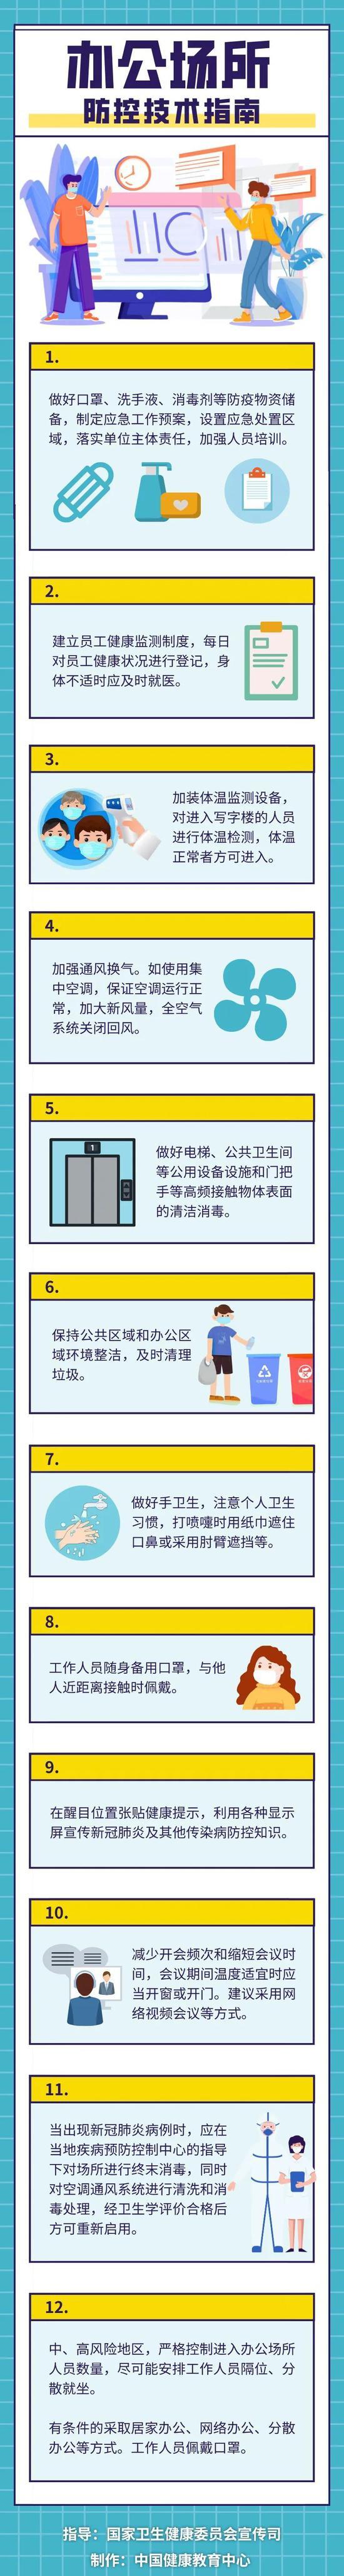 青岛21日无新增确诊病例 治愈出院确诊病例1例图片